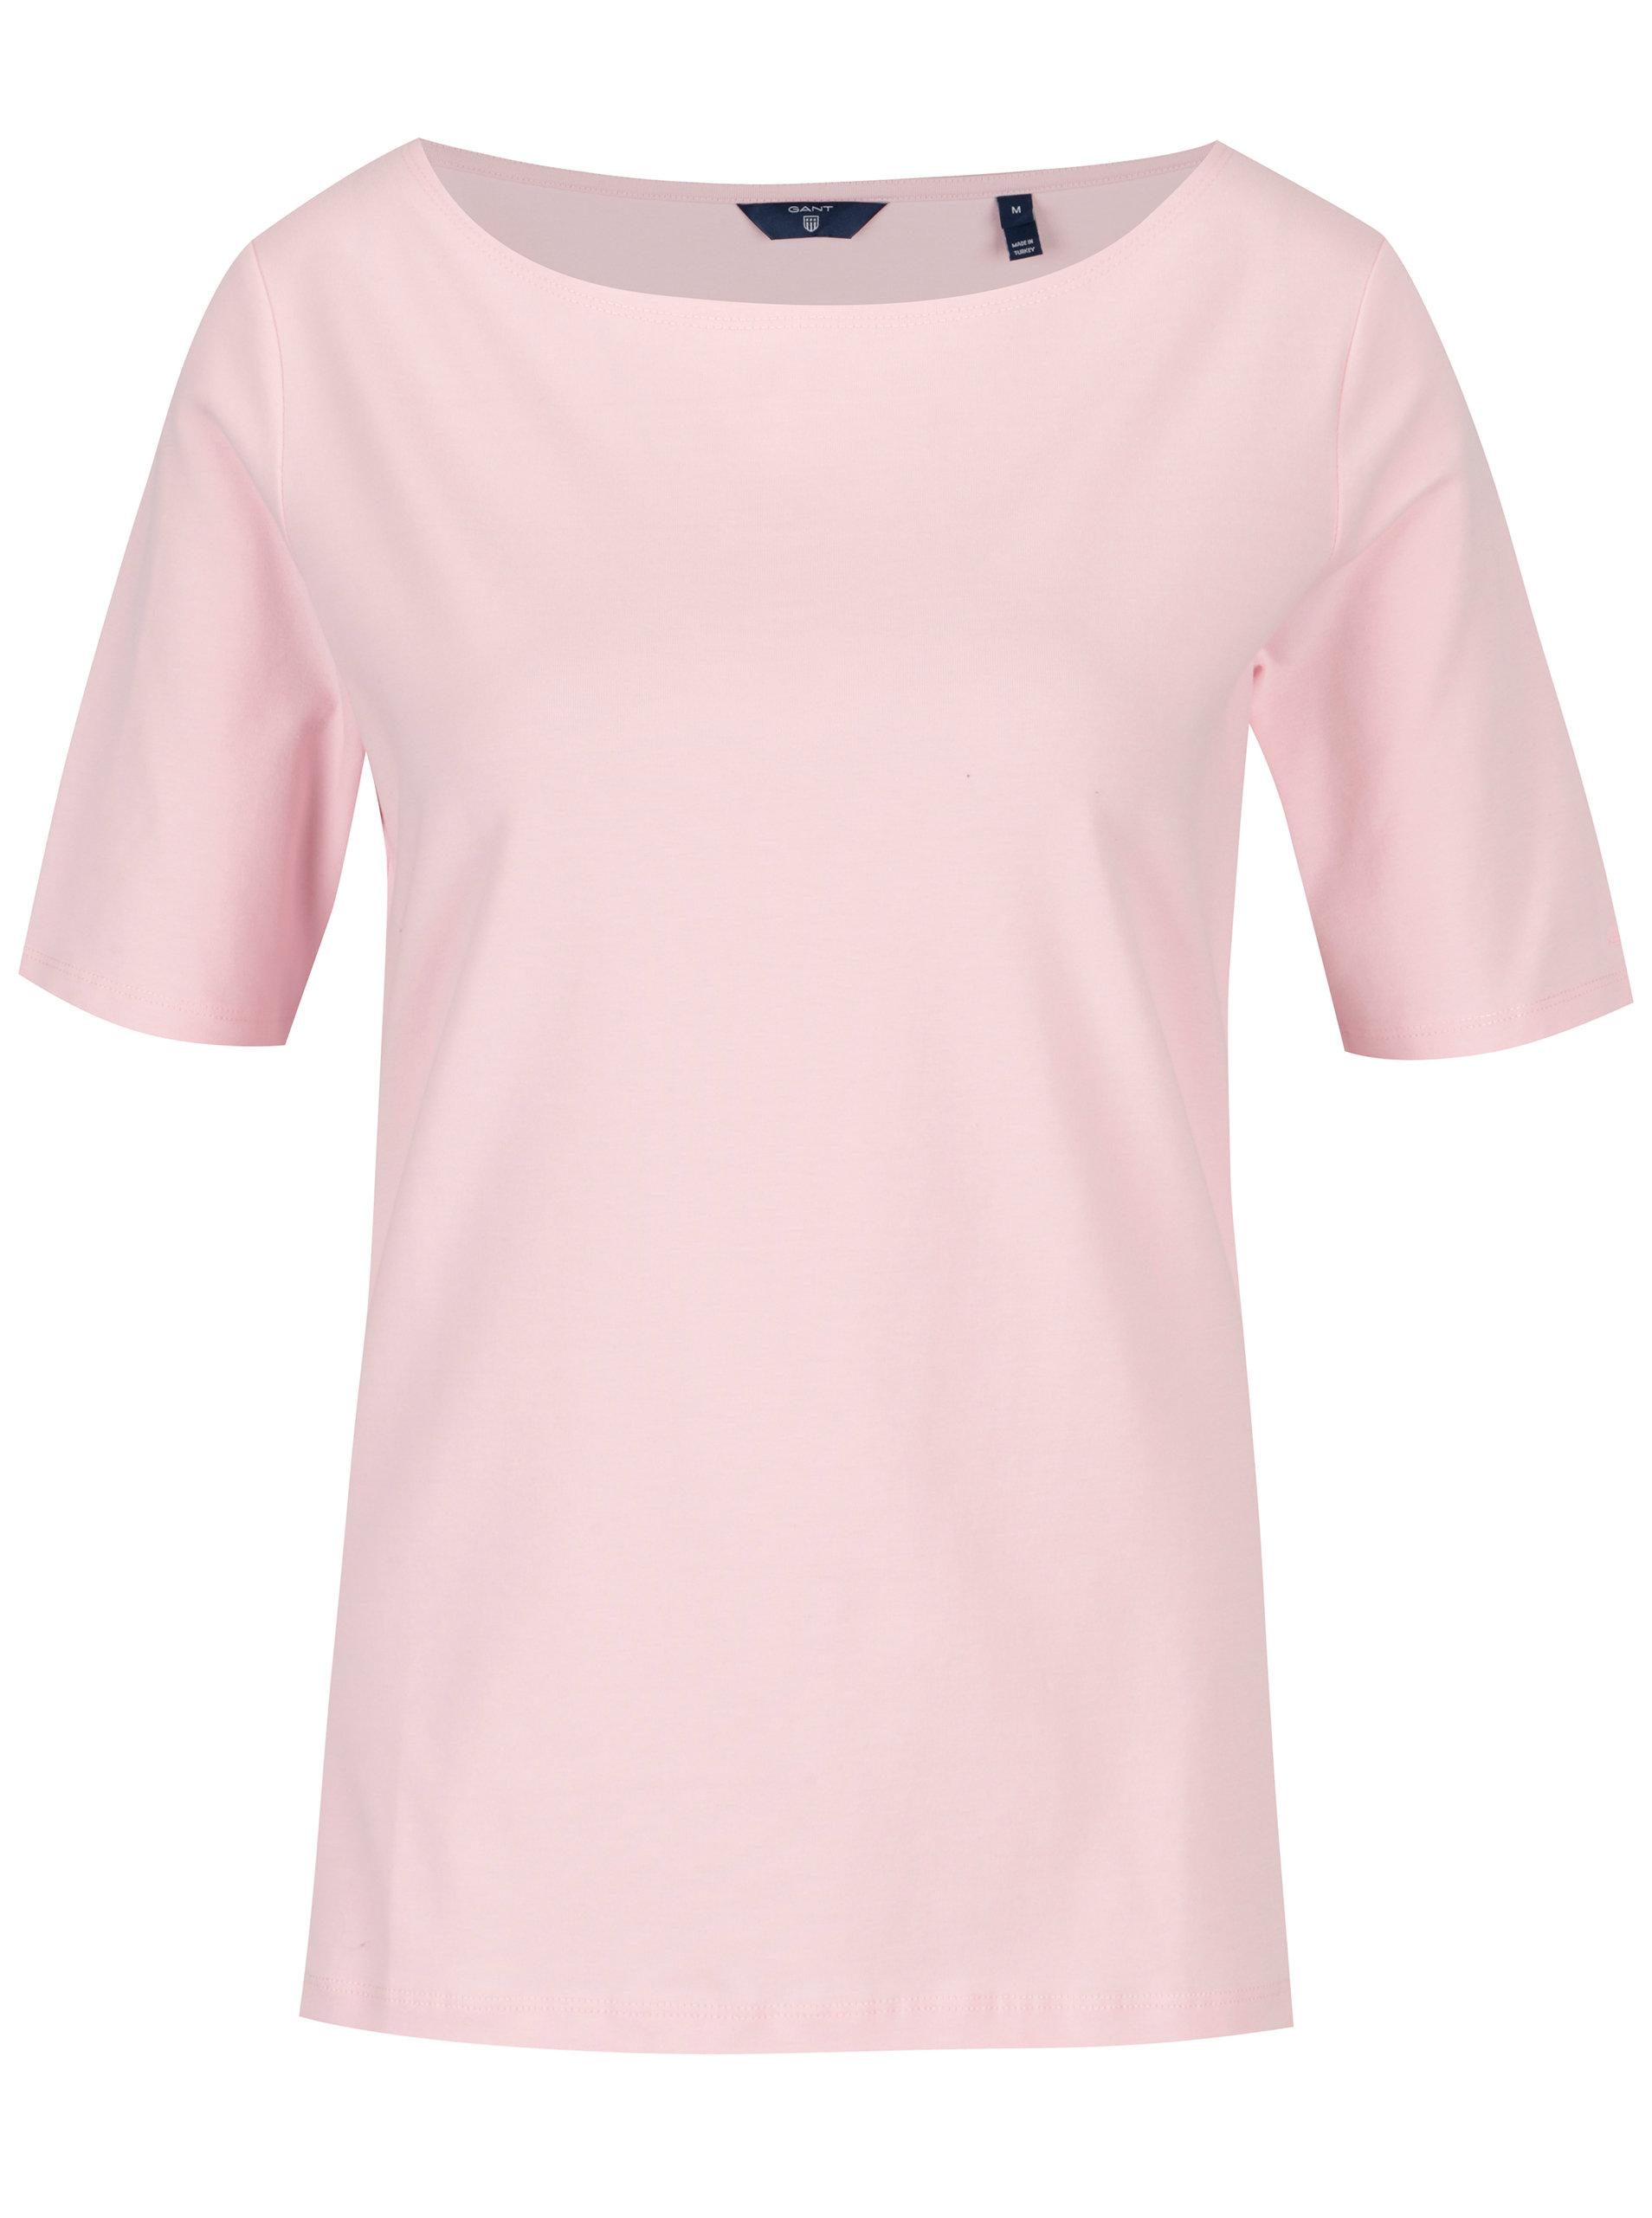 7f7db0d989b Světle růžové dámské tričko GANT ...